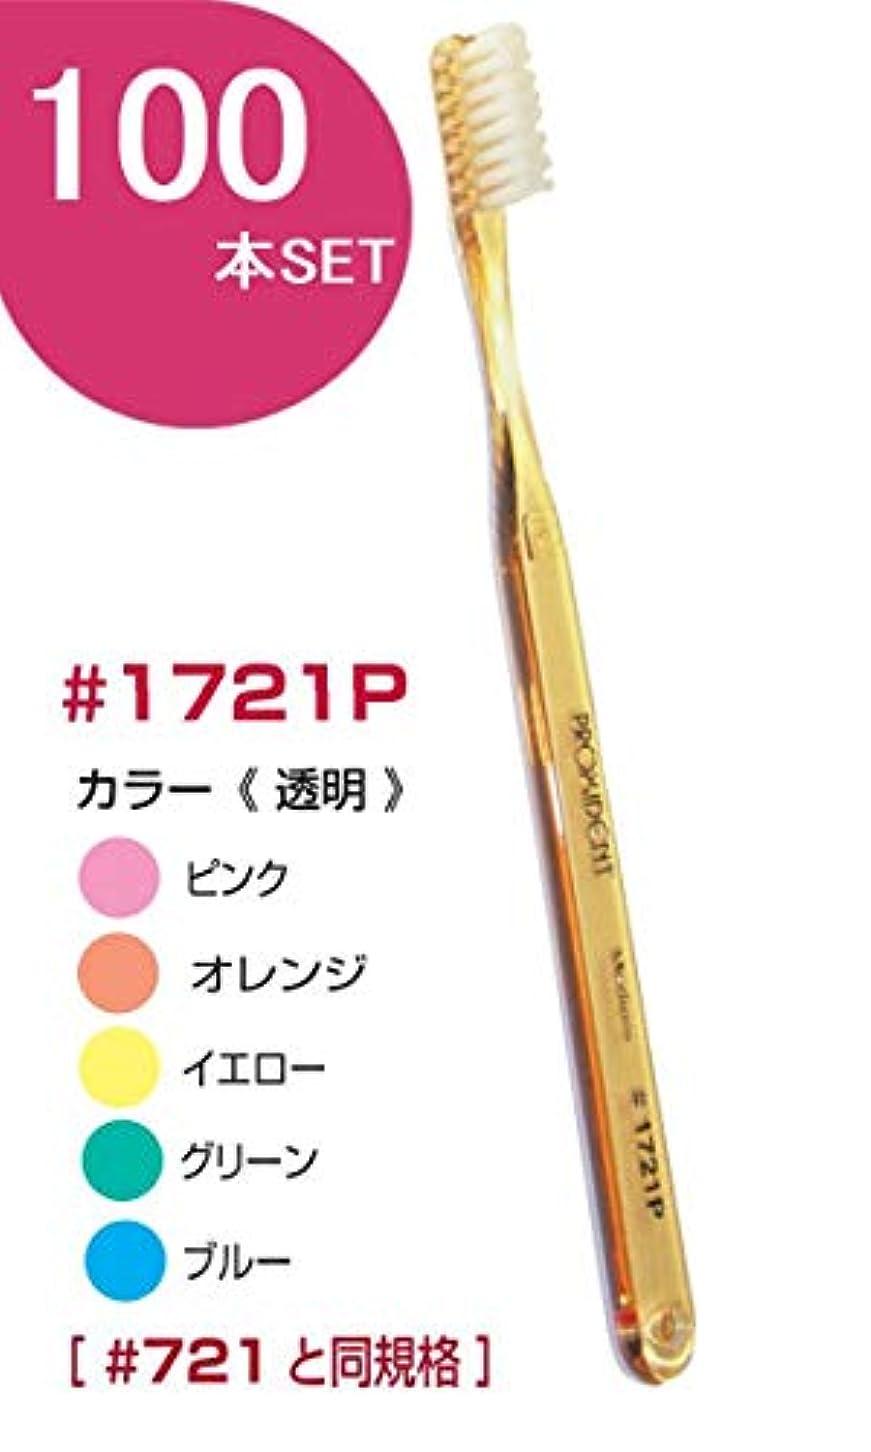 蒸留振動させる剃るプローデント プロキシデント スリムヘッド M(ミディアム) #1721P(#721と同規格) 歯ブラシ 100本